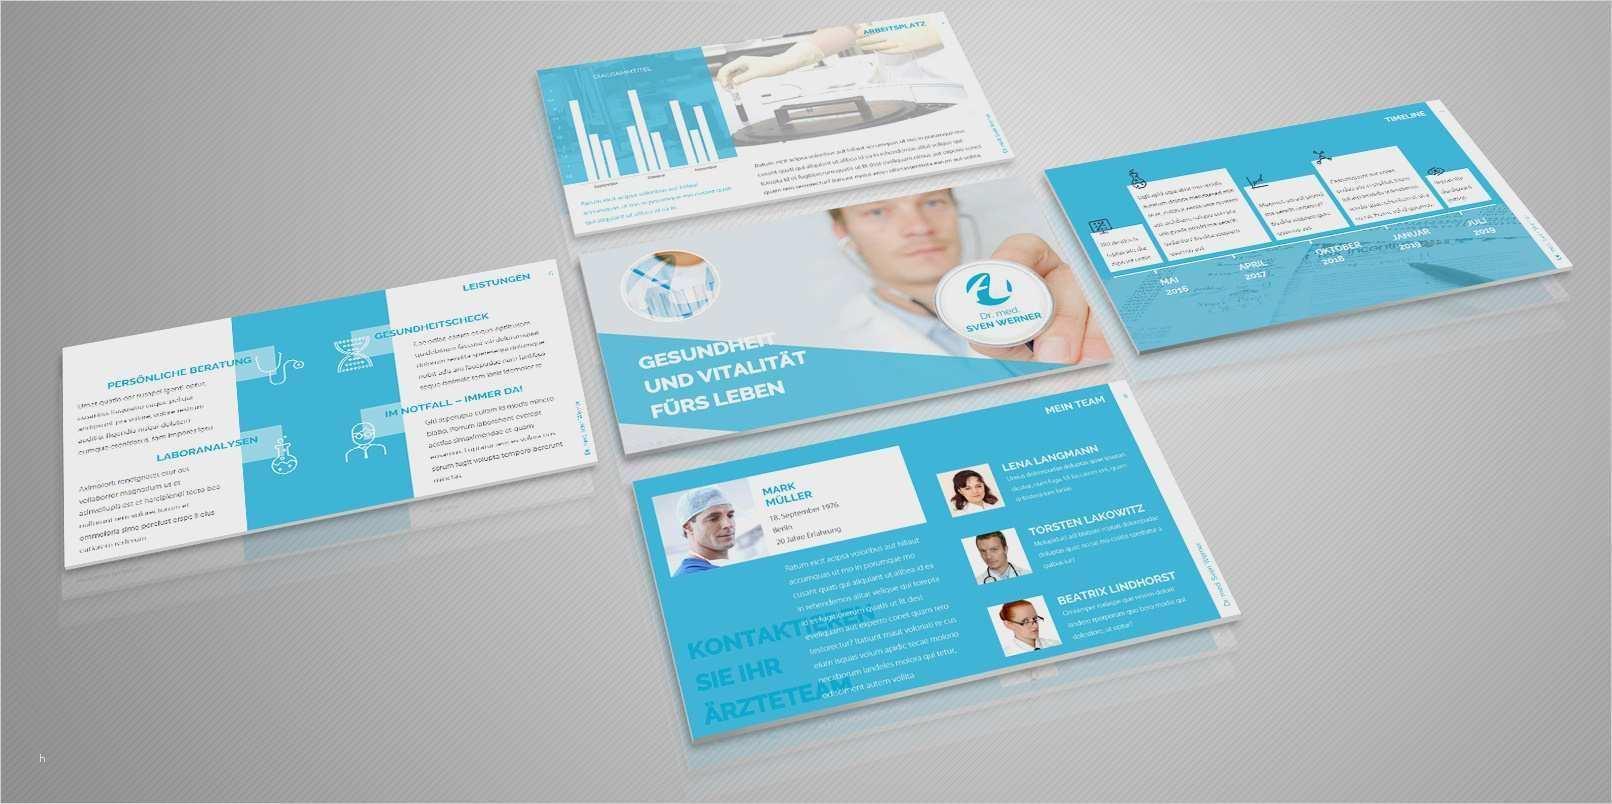 Powerpoint Vorlage Andern 48 Schon Solche Konnen Adaptieren In Microsoft Word In 2020 Powerpoint Vorlagen Power Point Powerpoint Bilder